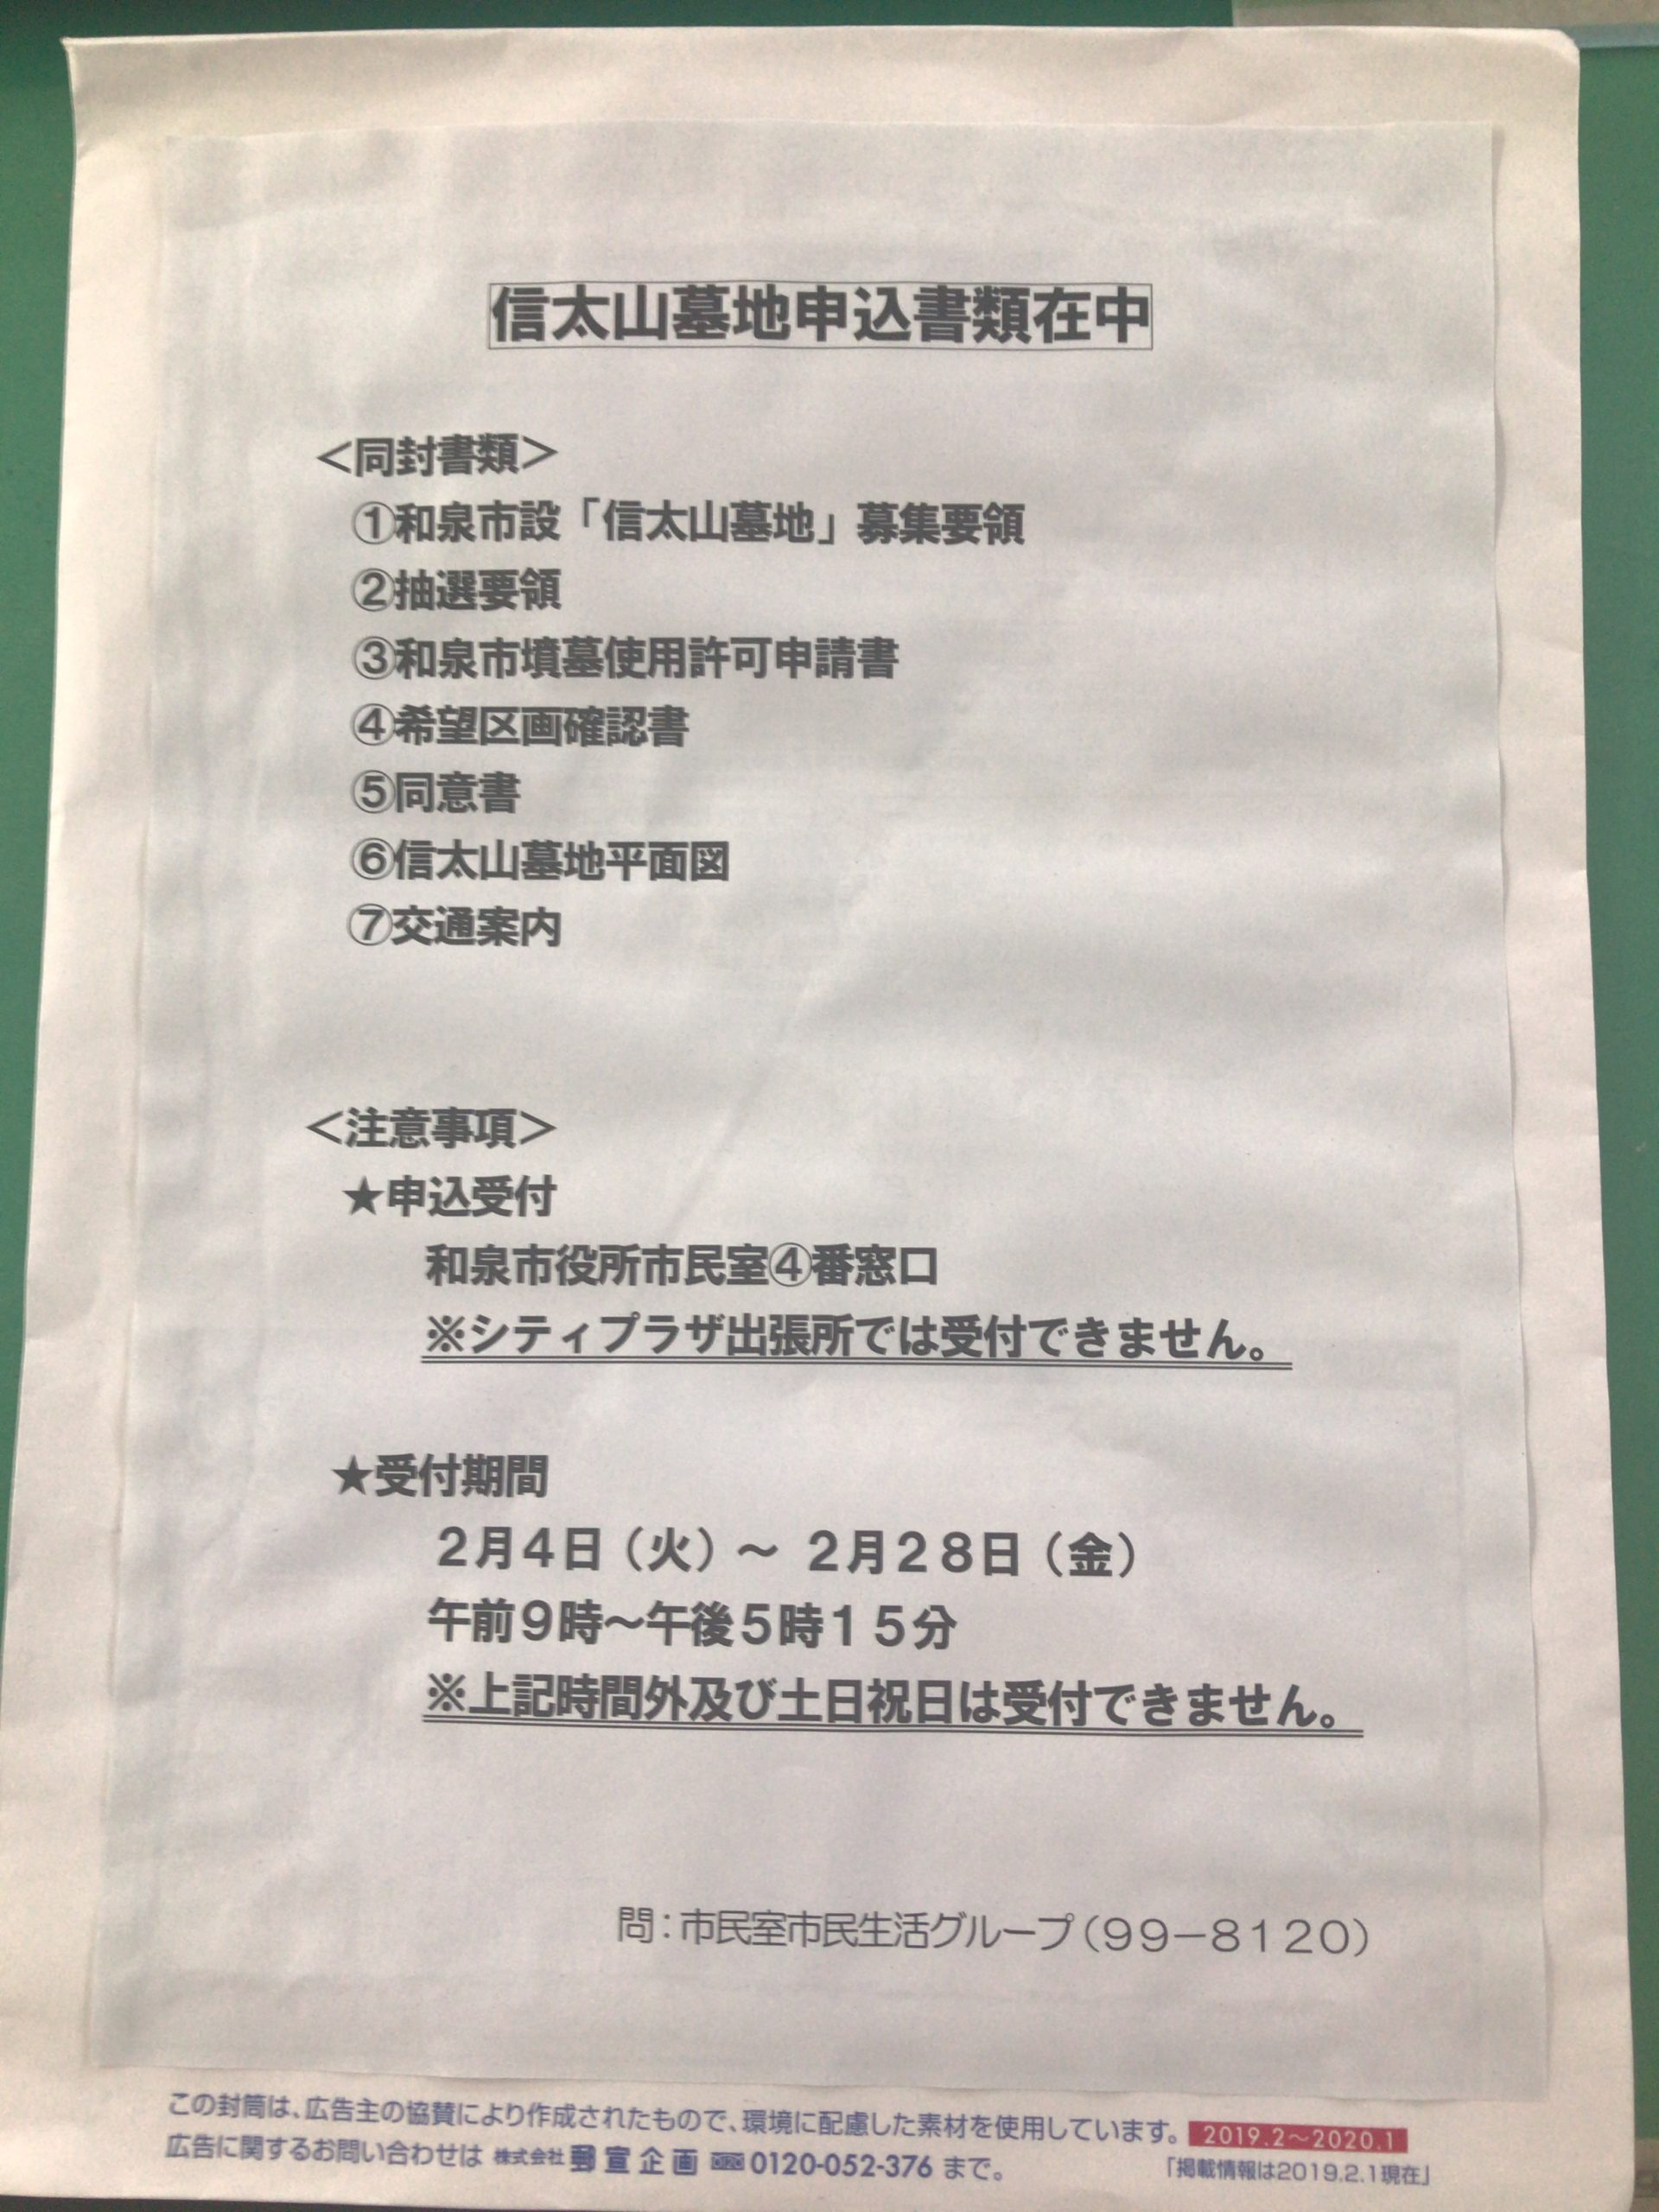 和泉市設信太山墓地和泉墓地の募集なら大阪石材へ